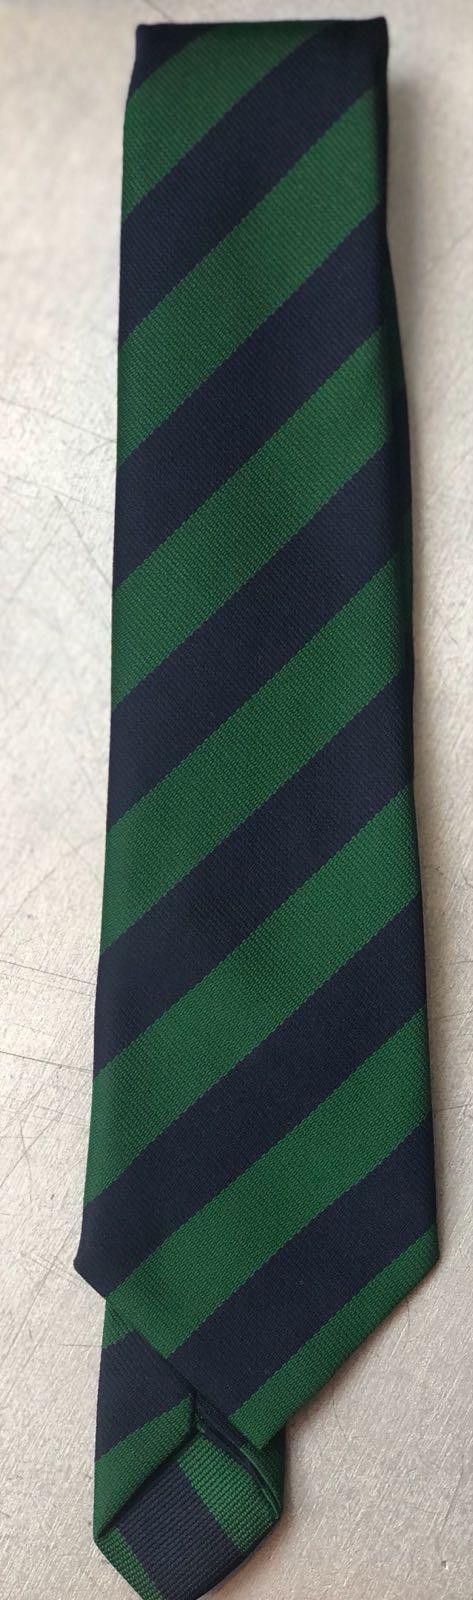 St Ed's Tie